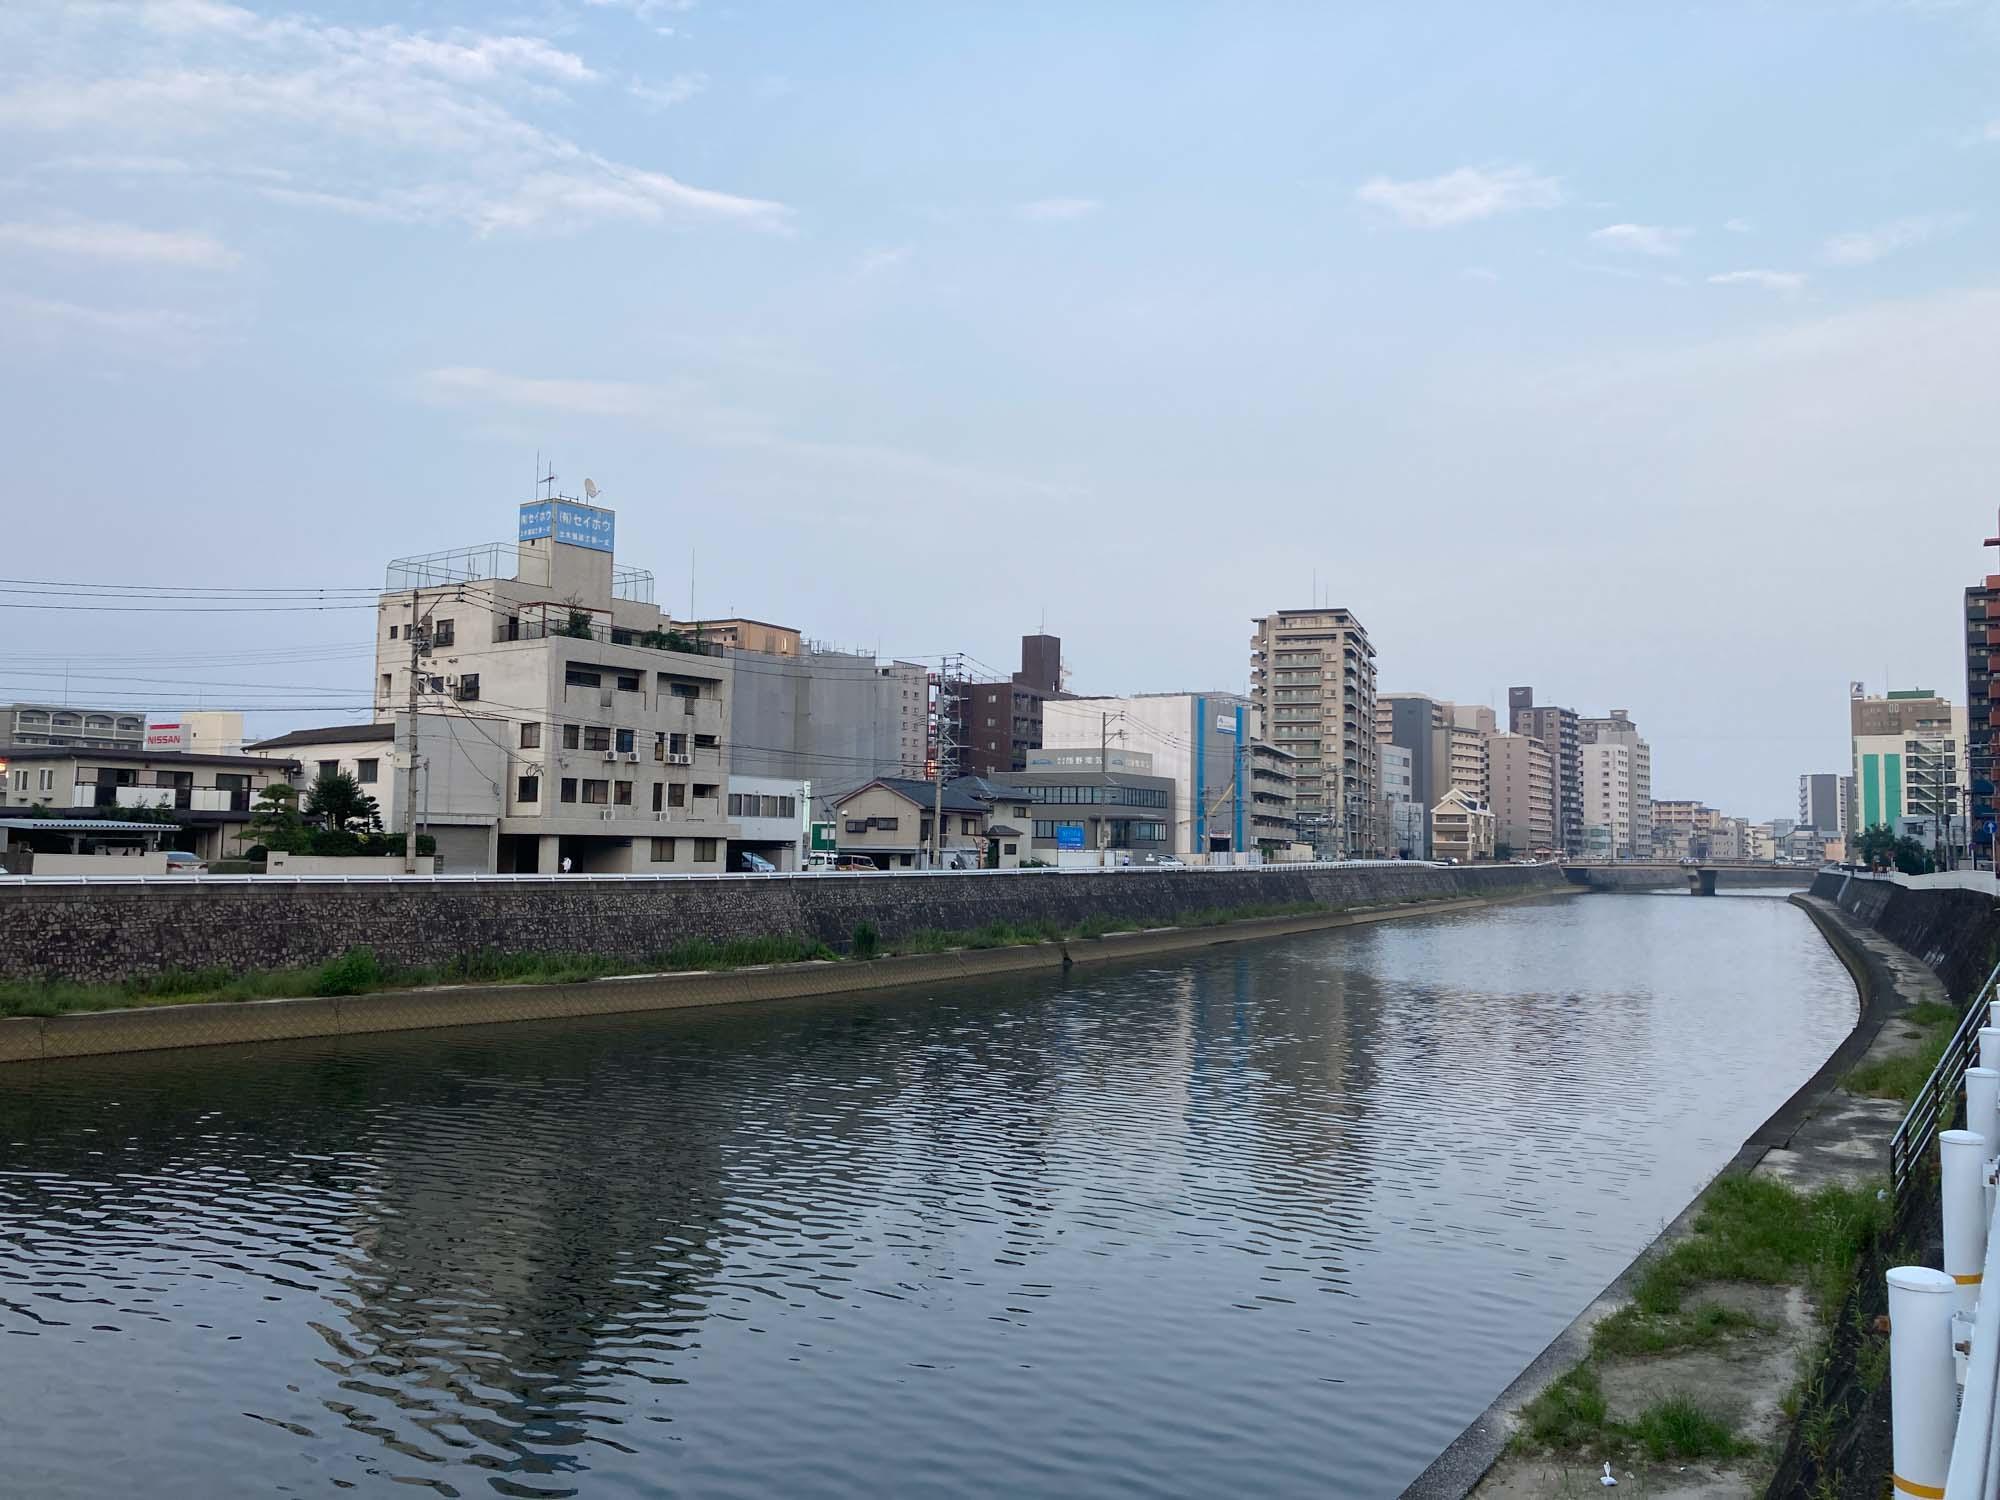 少し歩くと御笠川が流れています。この川を越えると東比恵。福岡空港ももう目の前です。